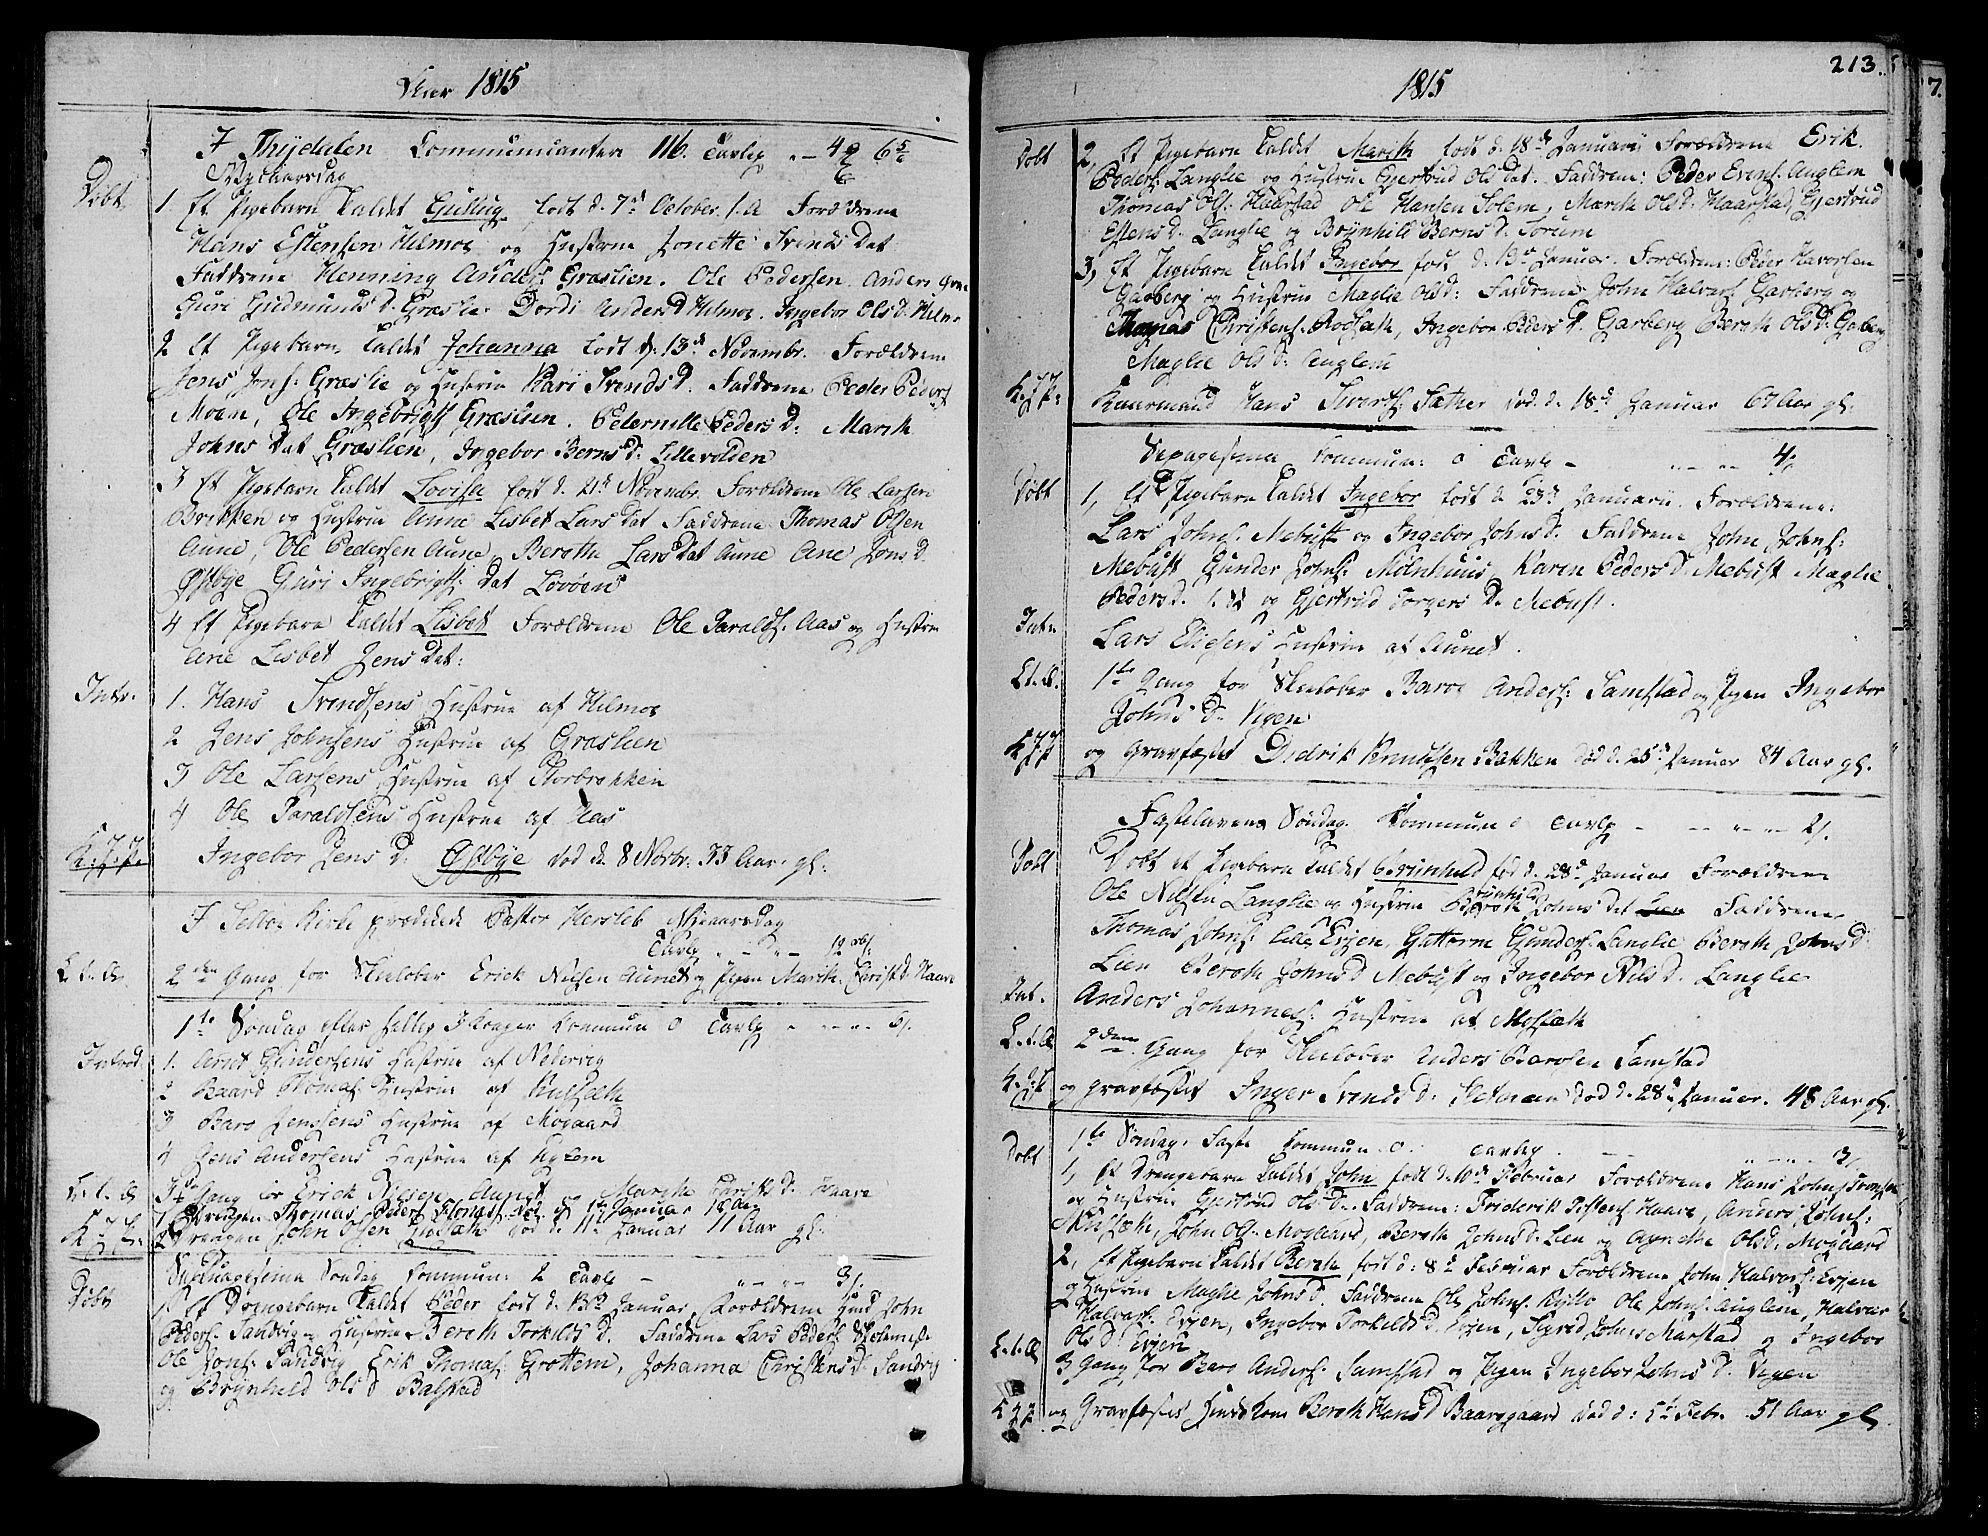 SAT, Ministerialprotokoller, klokkerbøker og fødselsregistre - Sør-Trøndelag, 695/L1140: Ministerialbok nr. 695A03, 1801-1815, s. 213